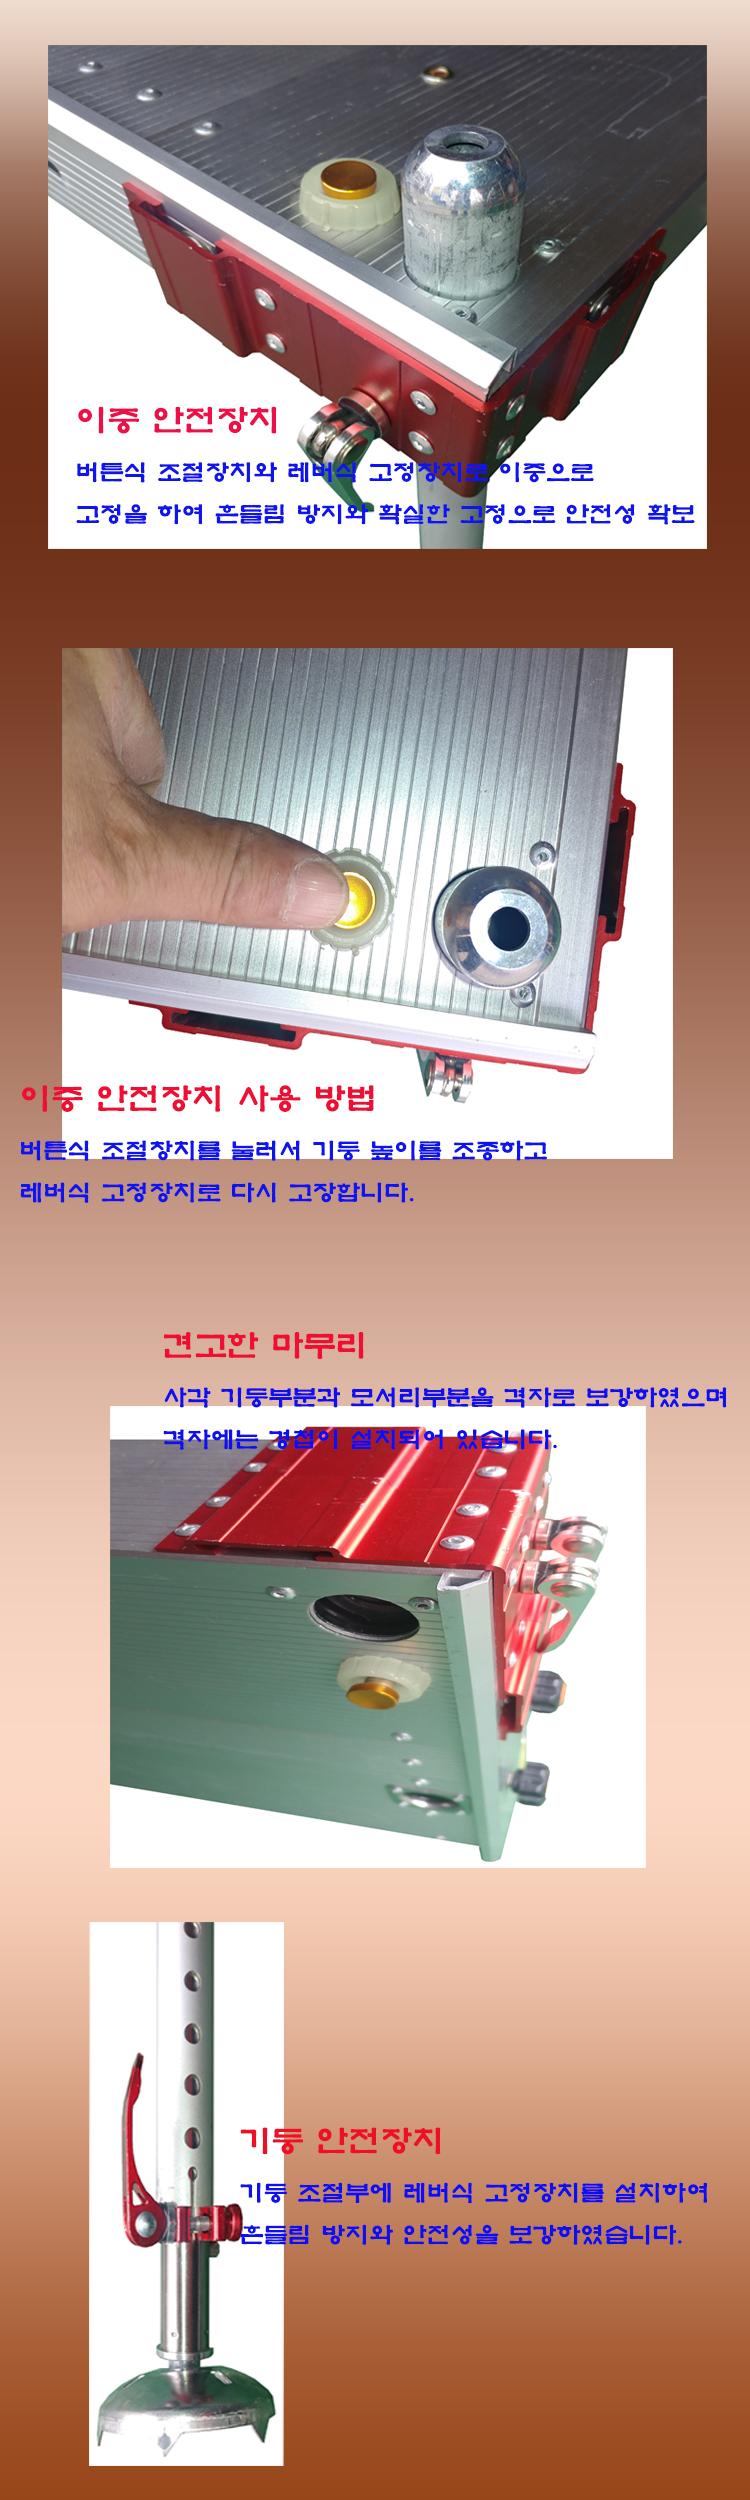 20c436479e191e8f580b446818a57656_1572587199_1338.jpg